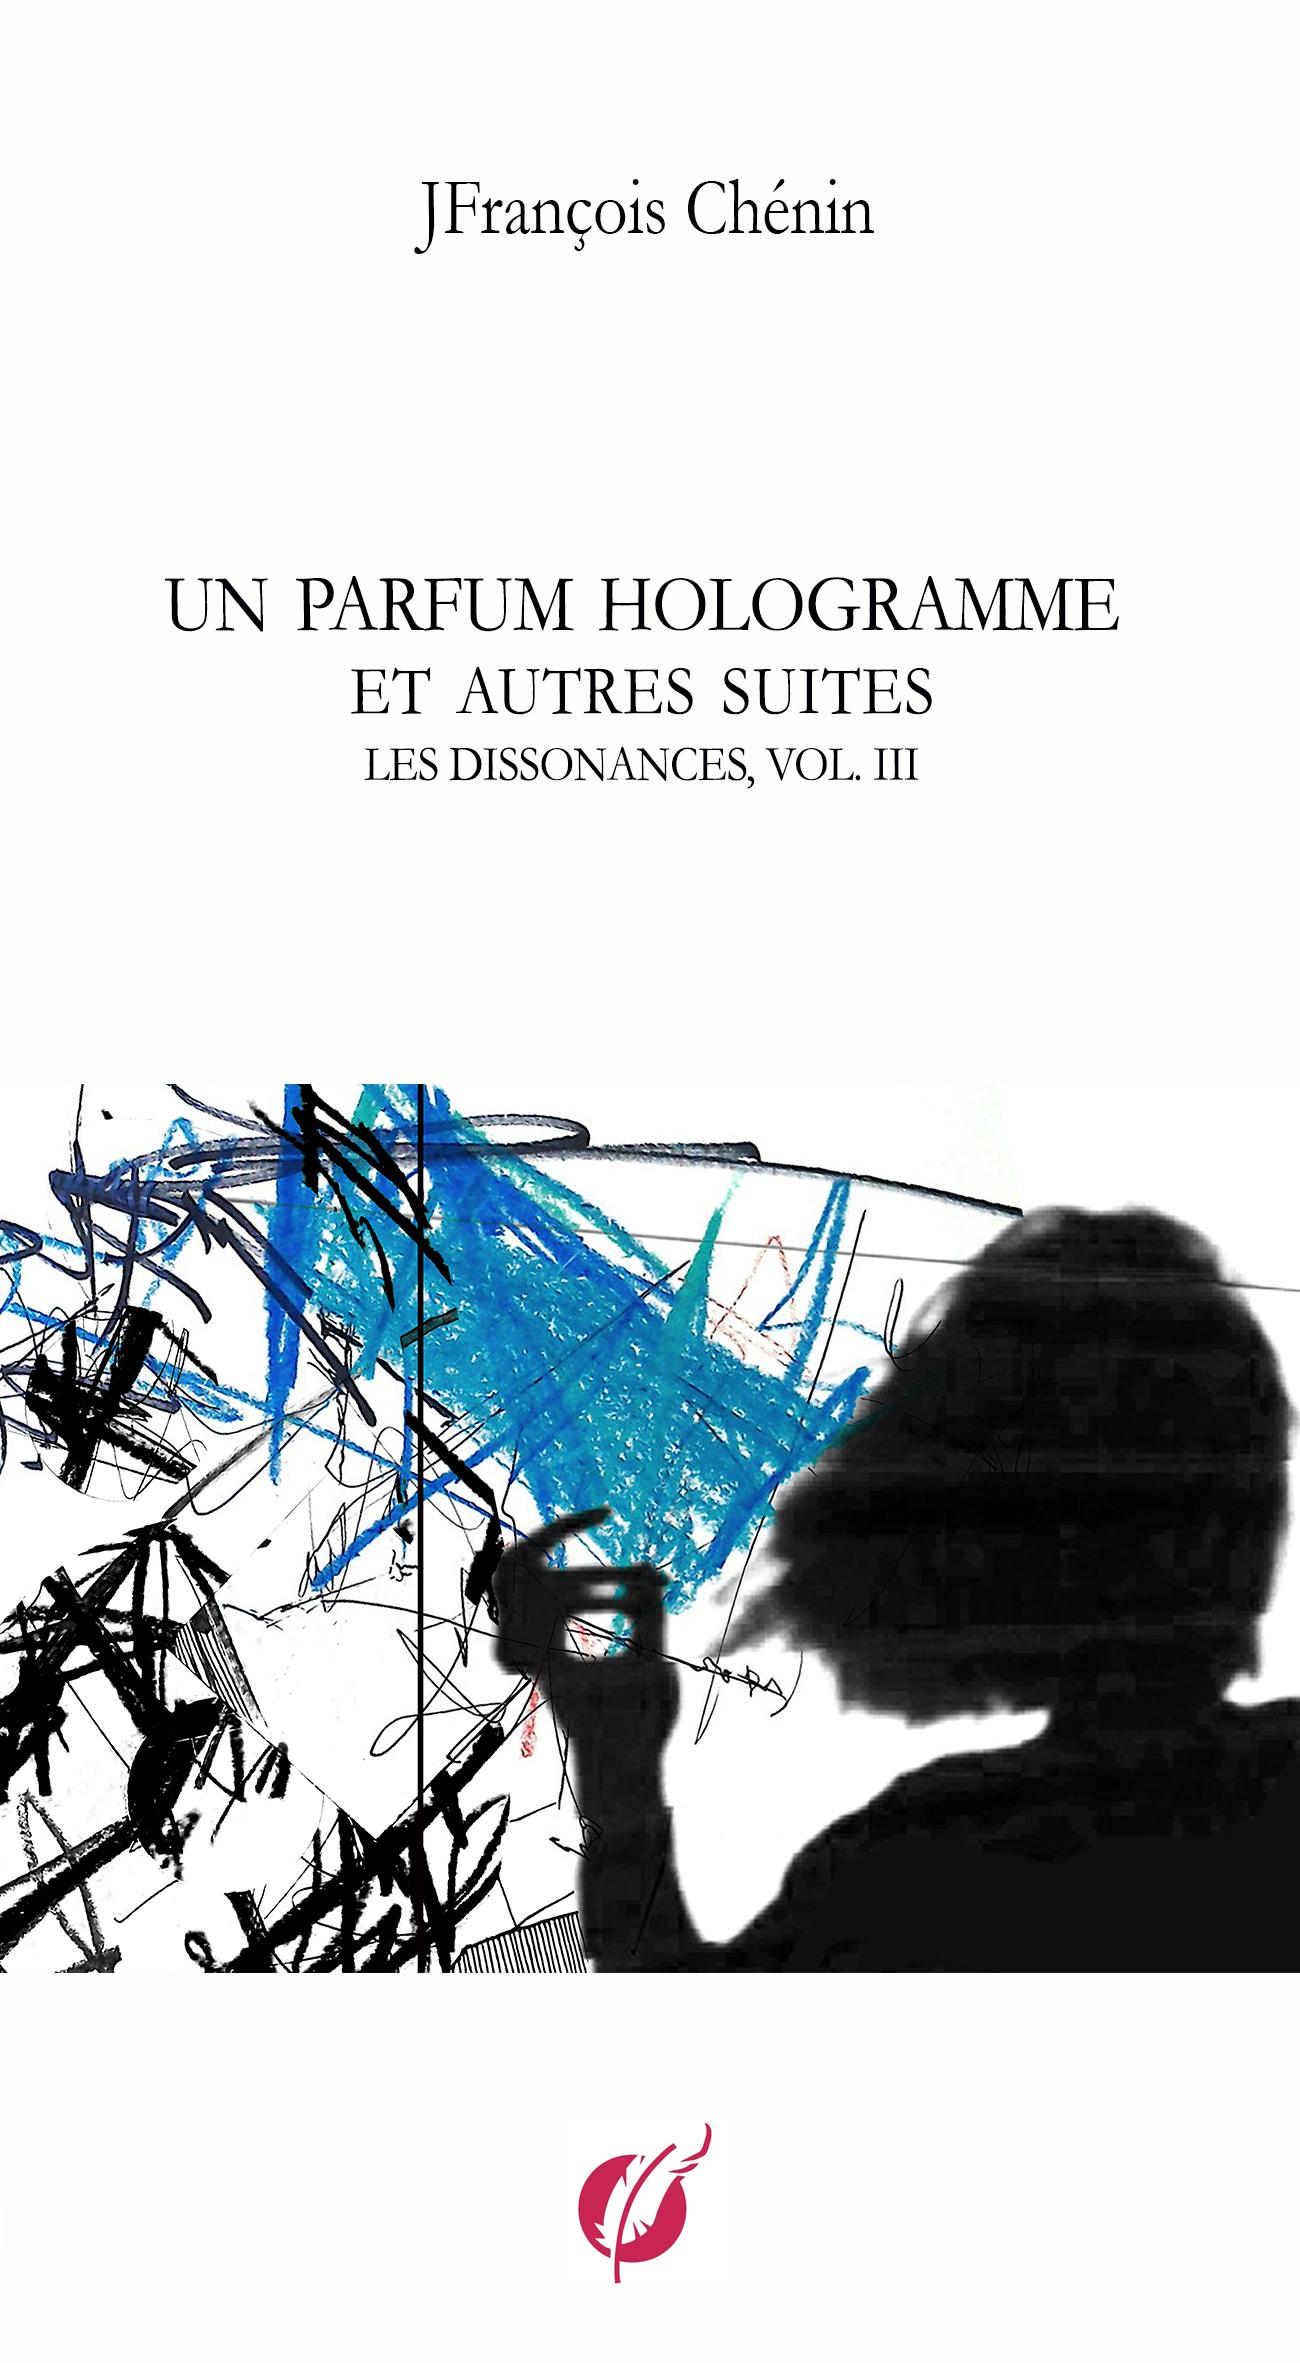 Un parfum hologramme et autres suites